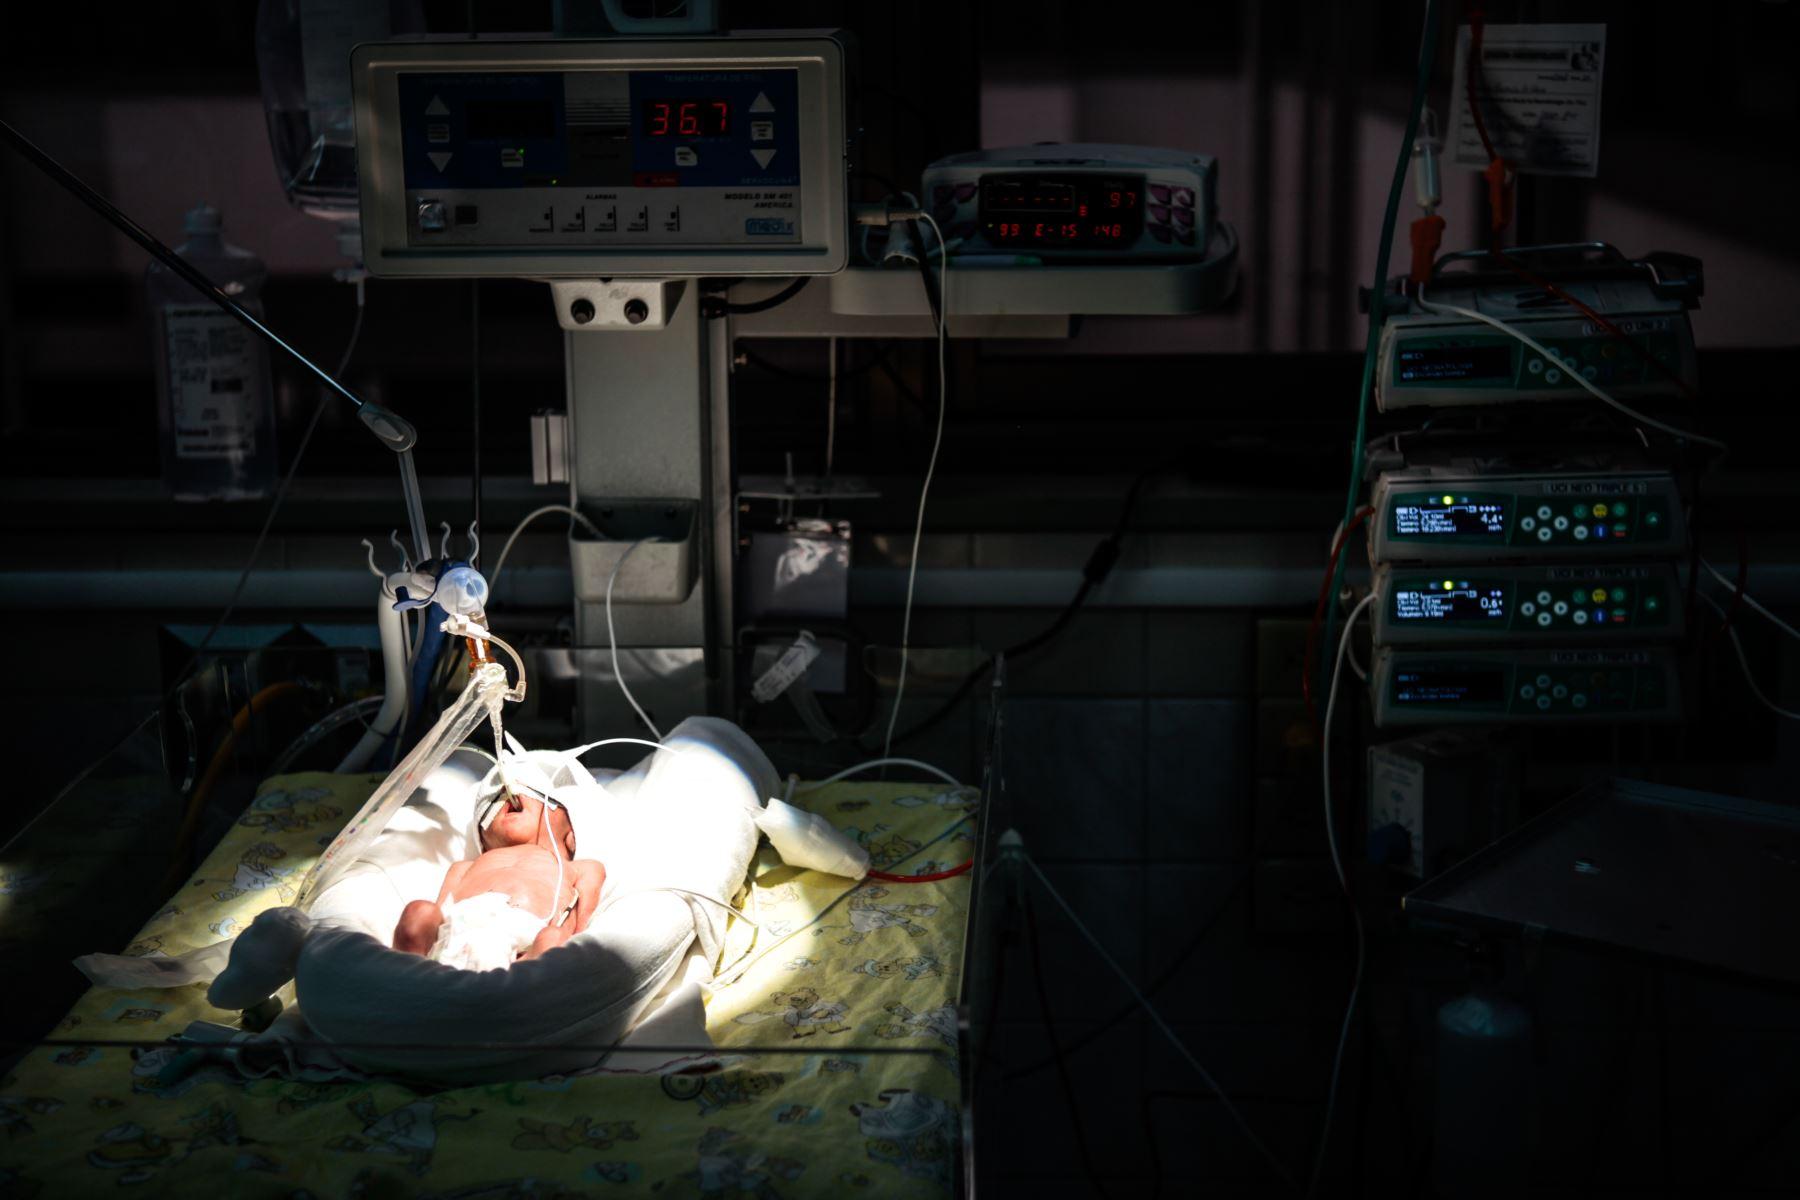 La ministra de Salud Zulema Tomás, recorre la maternidad de Lima para conocer experiencias de buen trato con motivo del Dia Nacional de la Salud y el Buen Trato al Paciente; como parte del énfasis en el trabajo que se realiza en los establecimientos de salud Lima y regiones. Foto: ANDINA/ Miguel Mejía